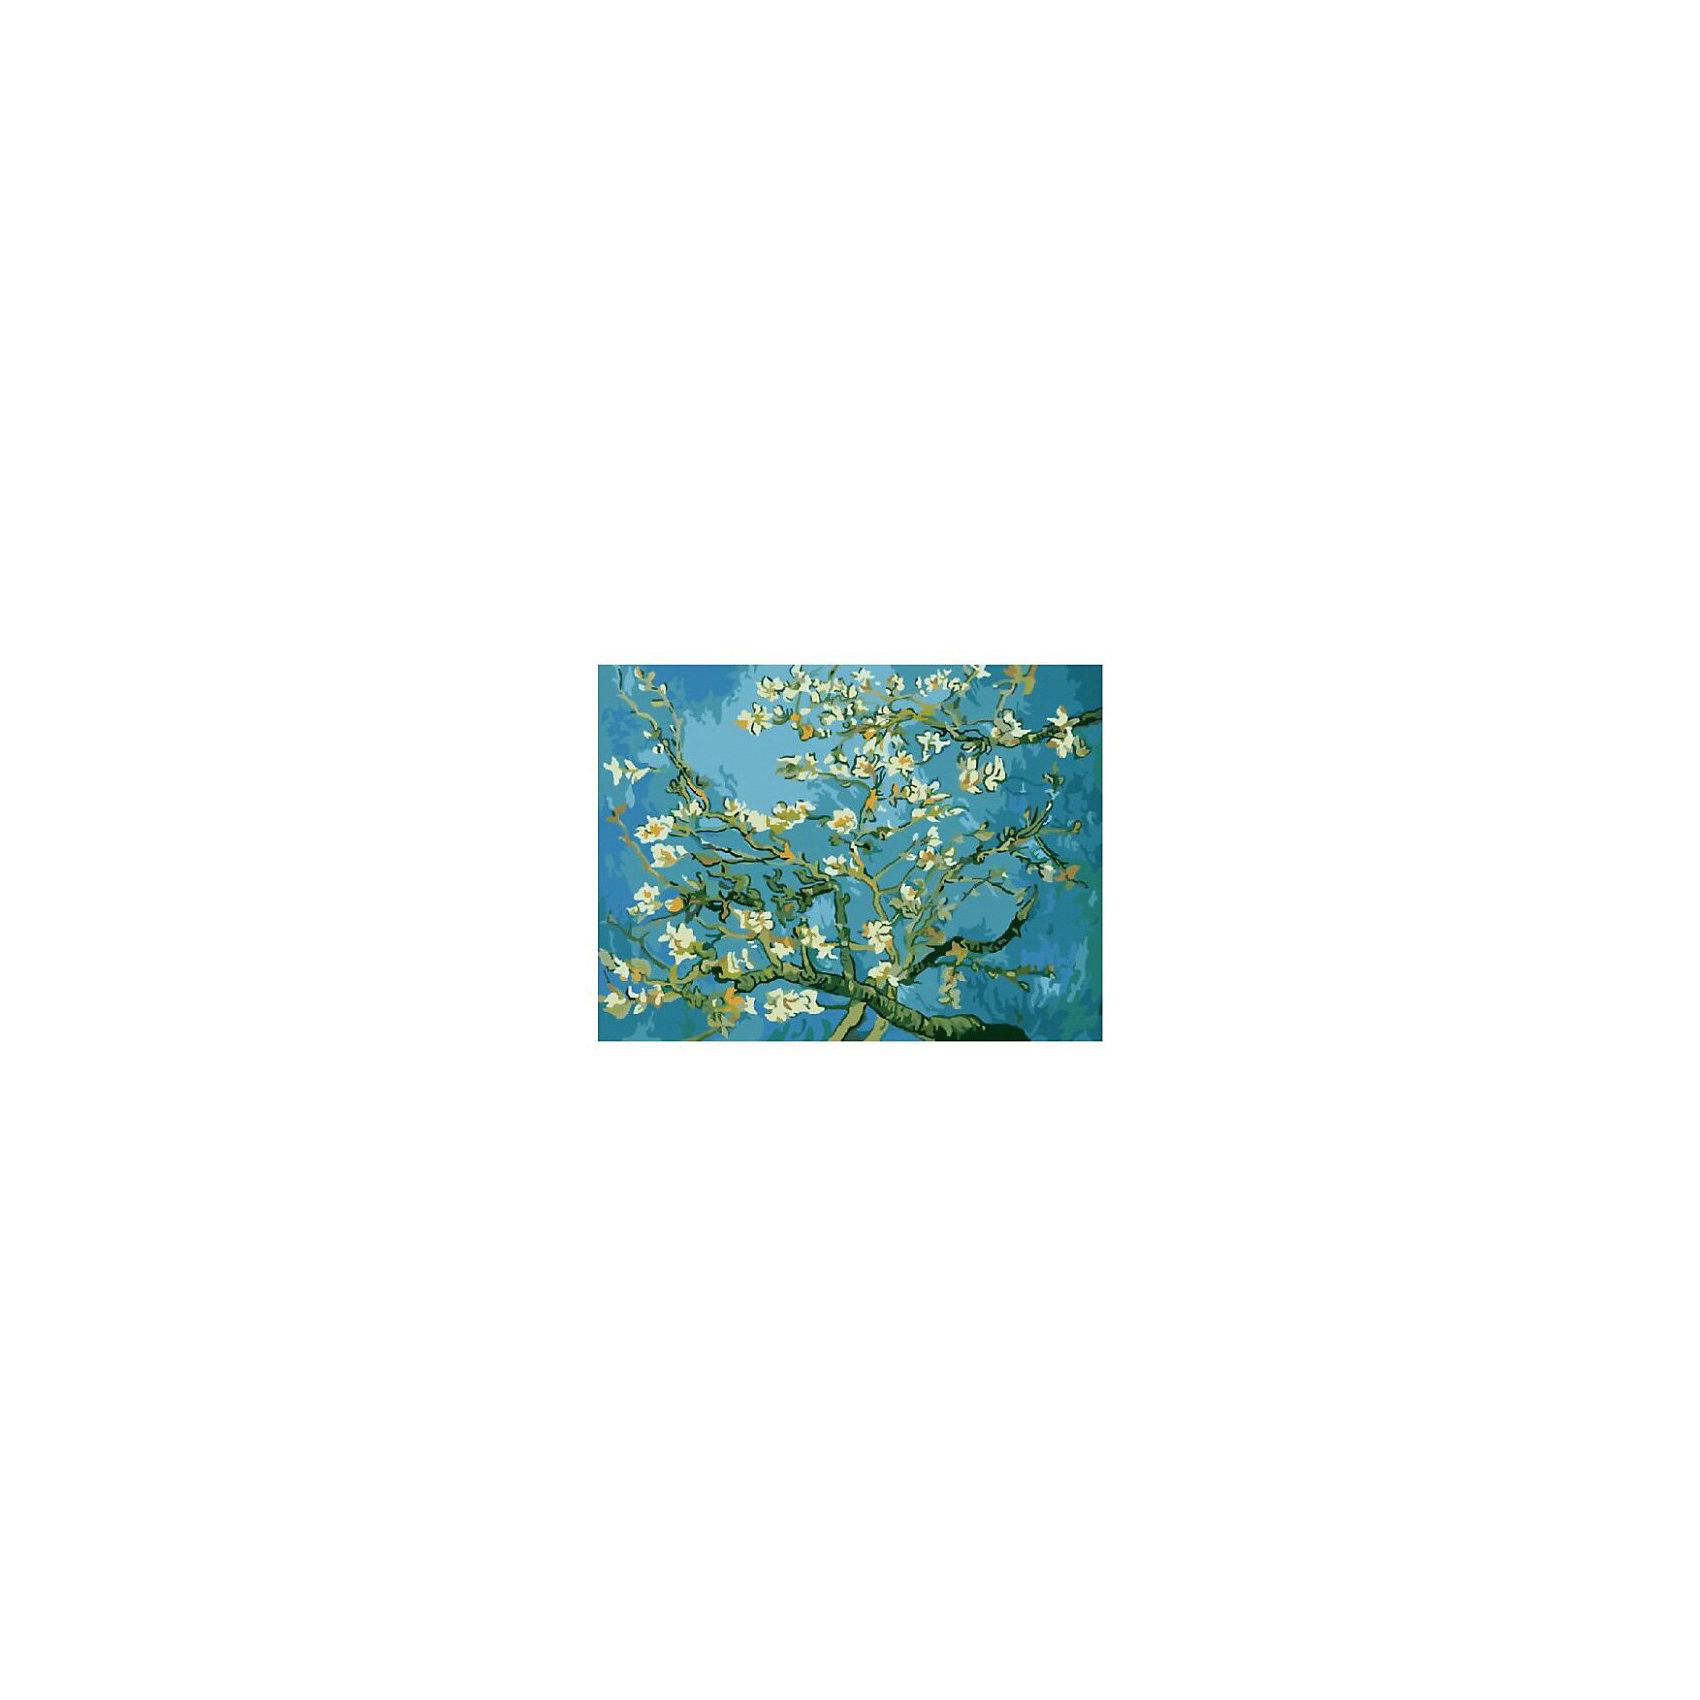 Картина по номерам Ван Гог: Миндаль, 40*50 смРисование<br>Картины с раскраской по номерам размером 40*50. На деревянном подрамнике, с прогрунтованным холстом и  нанесенными контурами картины, с указанием цвета закраски, акриловыми красками, 3 кисточками и креплением на стену. Уровень сложности, количество красок указаны на коробке.<br><br>Ширина мм: 500<br>Глубина мм: 400<br>Высота мм: 40<br>Вес г: 730<br>Возраст от месяцев: 108<br>Возраст до месяцев: 2147483647<br>Пол: Унисекс<br>Возраст: Детский<br>SKU: 5417697